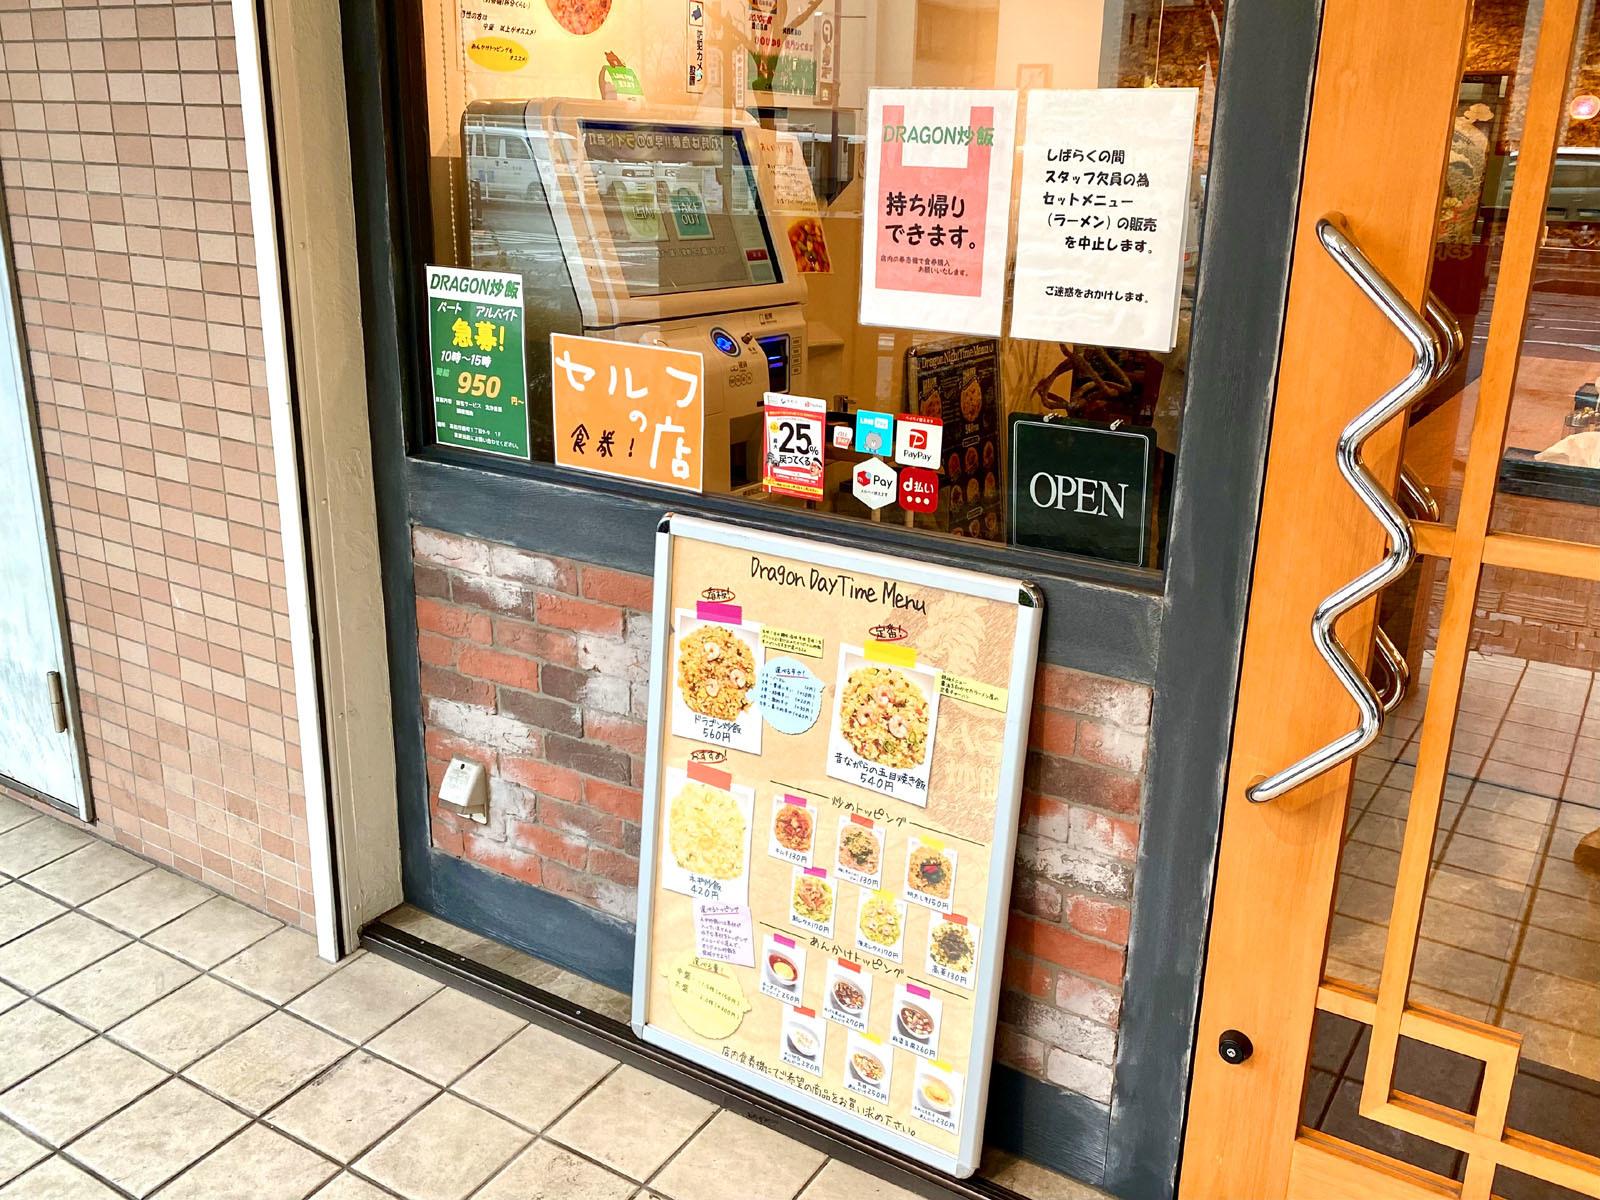 ドラゴン炒飯01 店舗入口付近